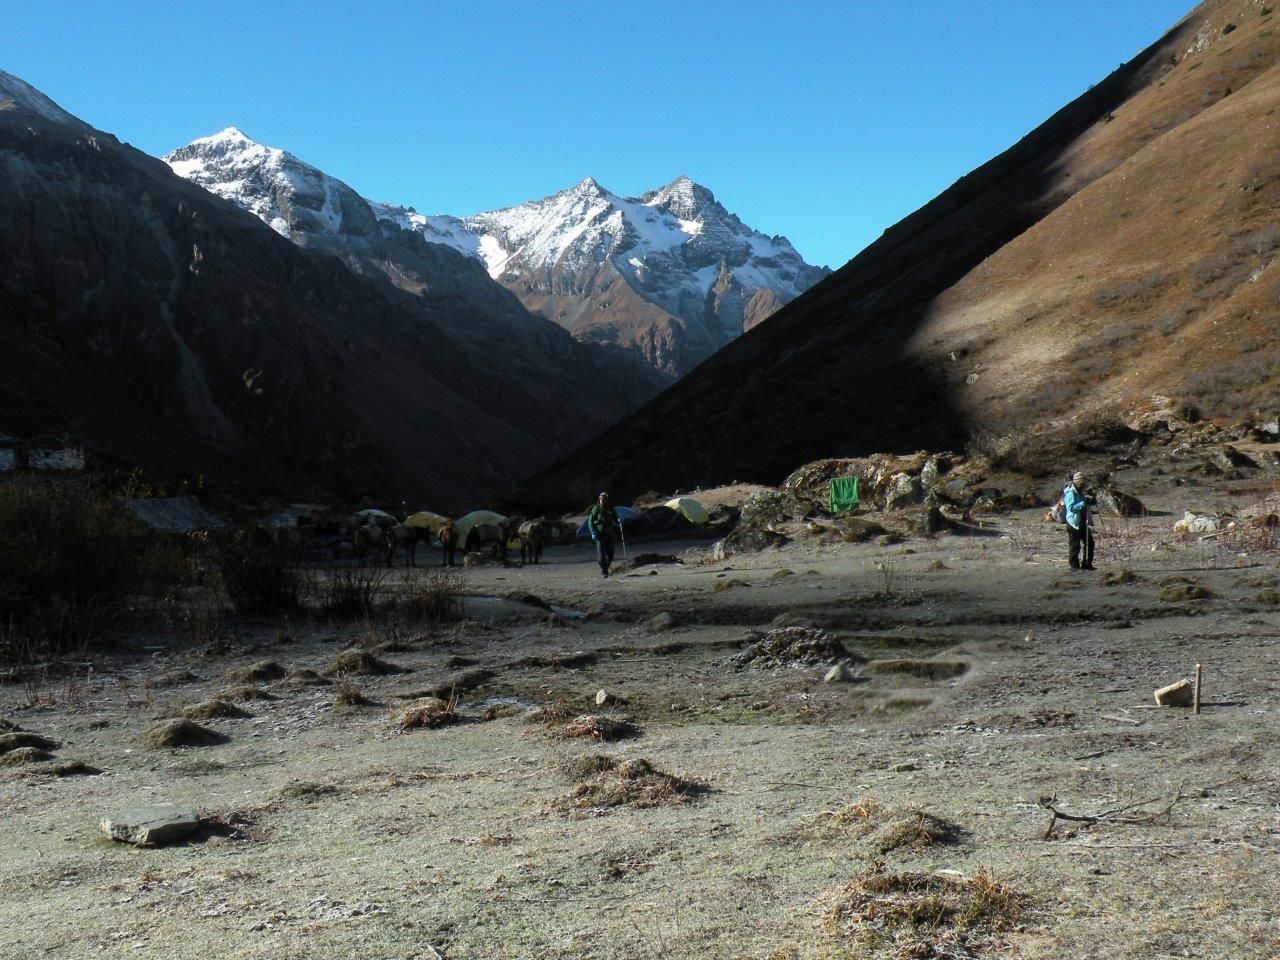 Butão outubro 105 1 - Trekkings: muito além do Nepal e do Everest. Conheça as opções!